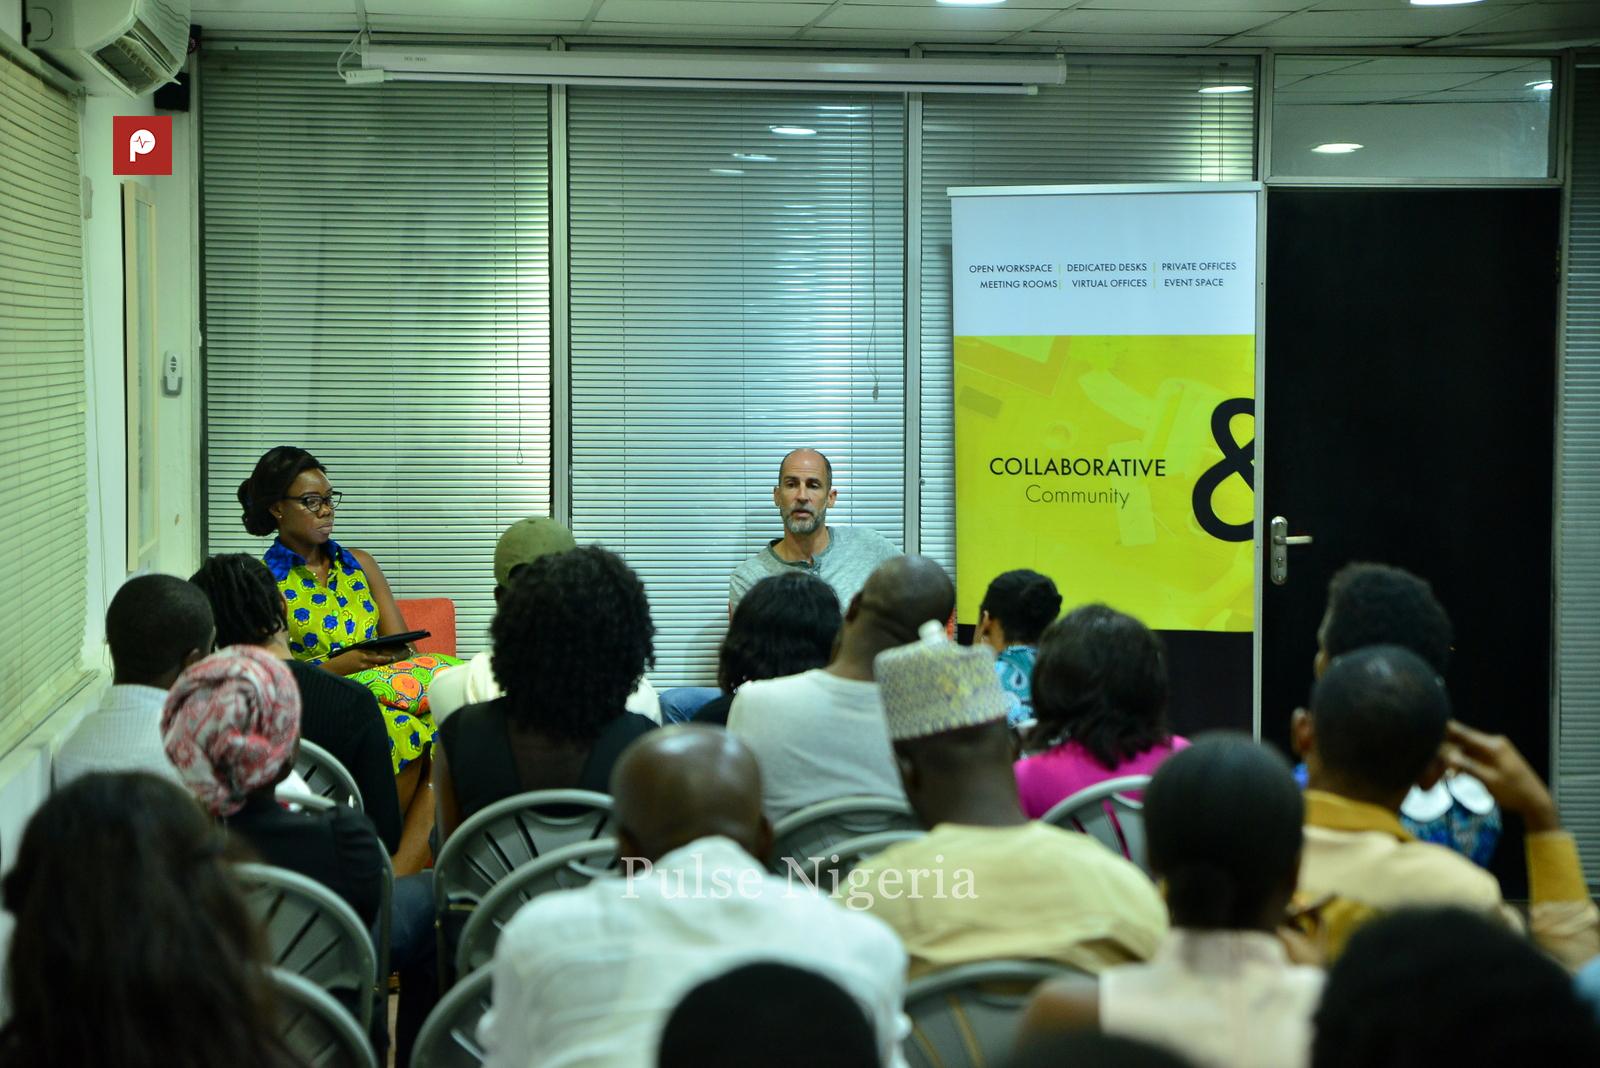 Lagos Startup Week - Scaling you business through creative thinking (43).jpg